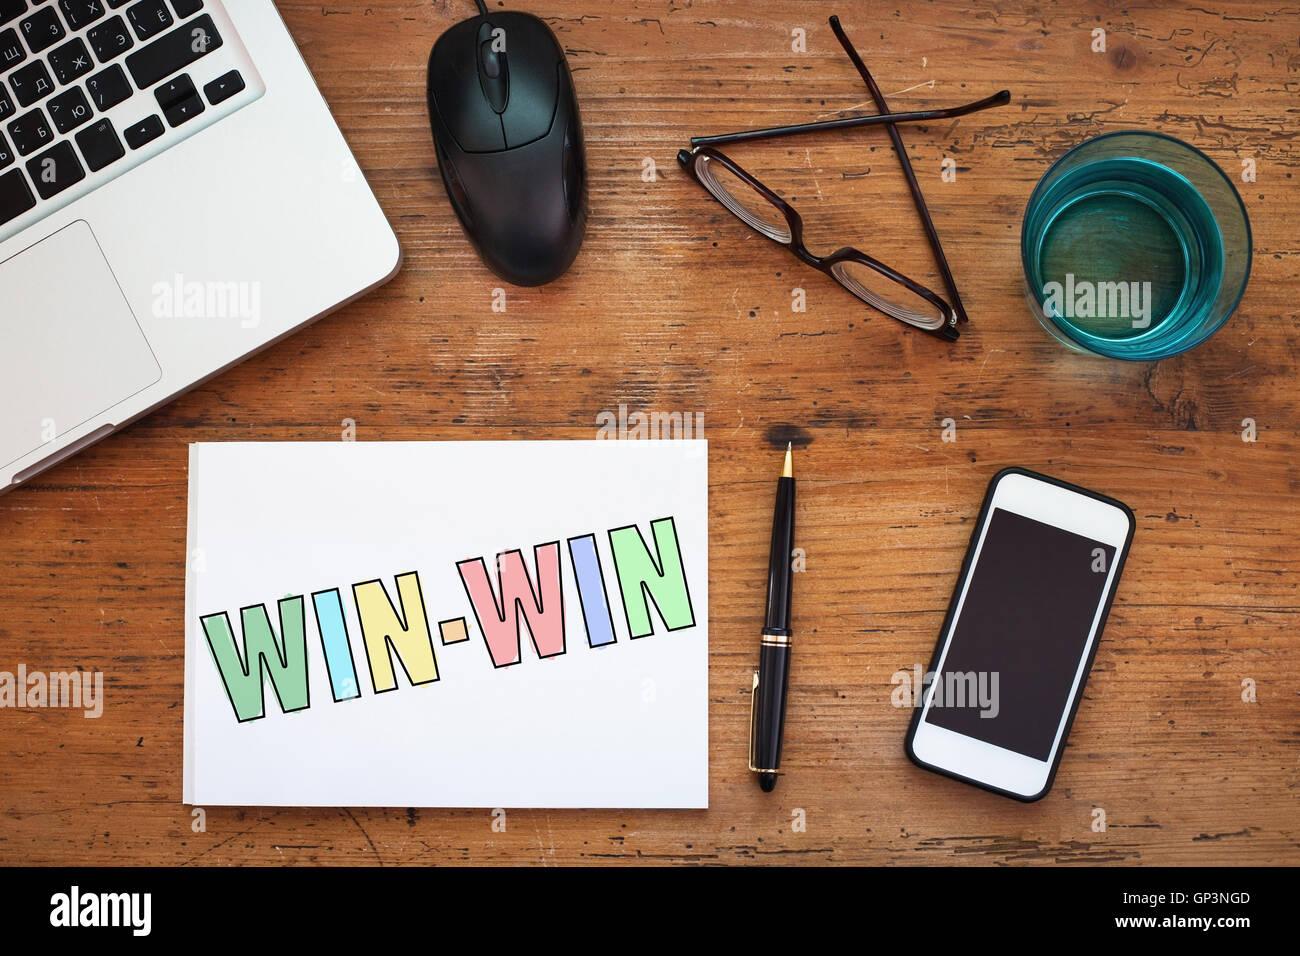 win win concept - Stock Image